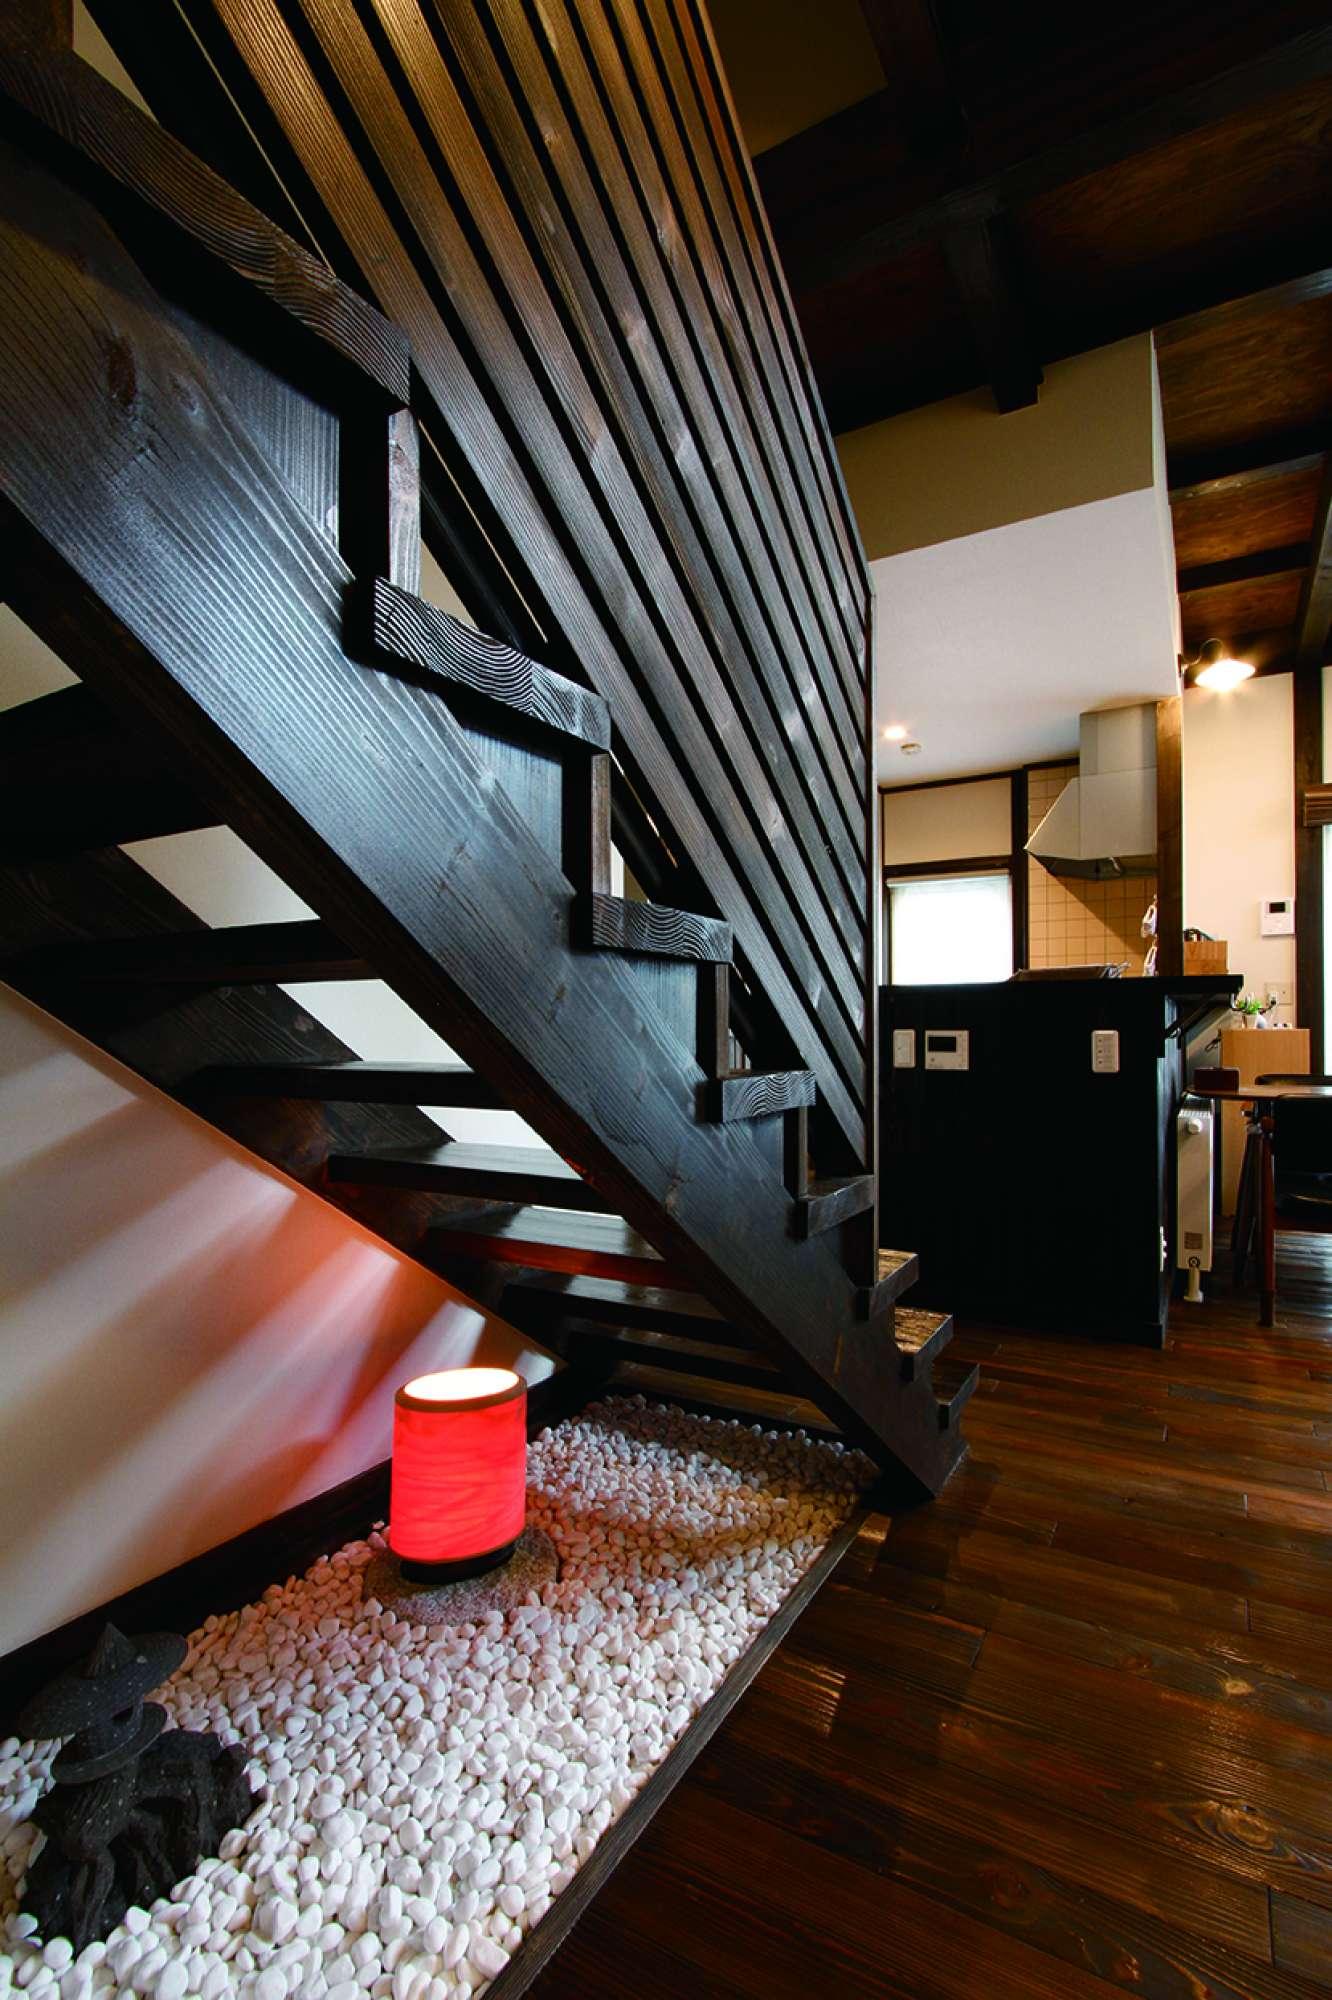 横張りのルーバーが美しい階段の下に小粋な坪庭を演出 -  -  -